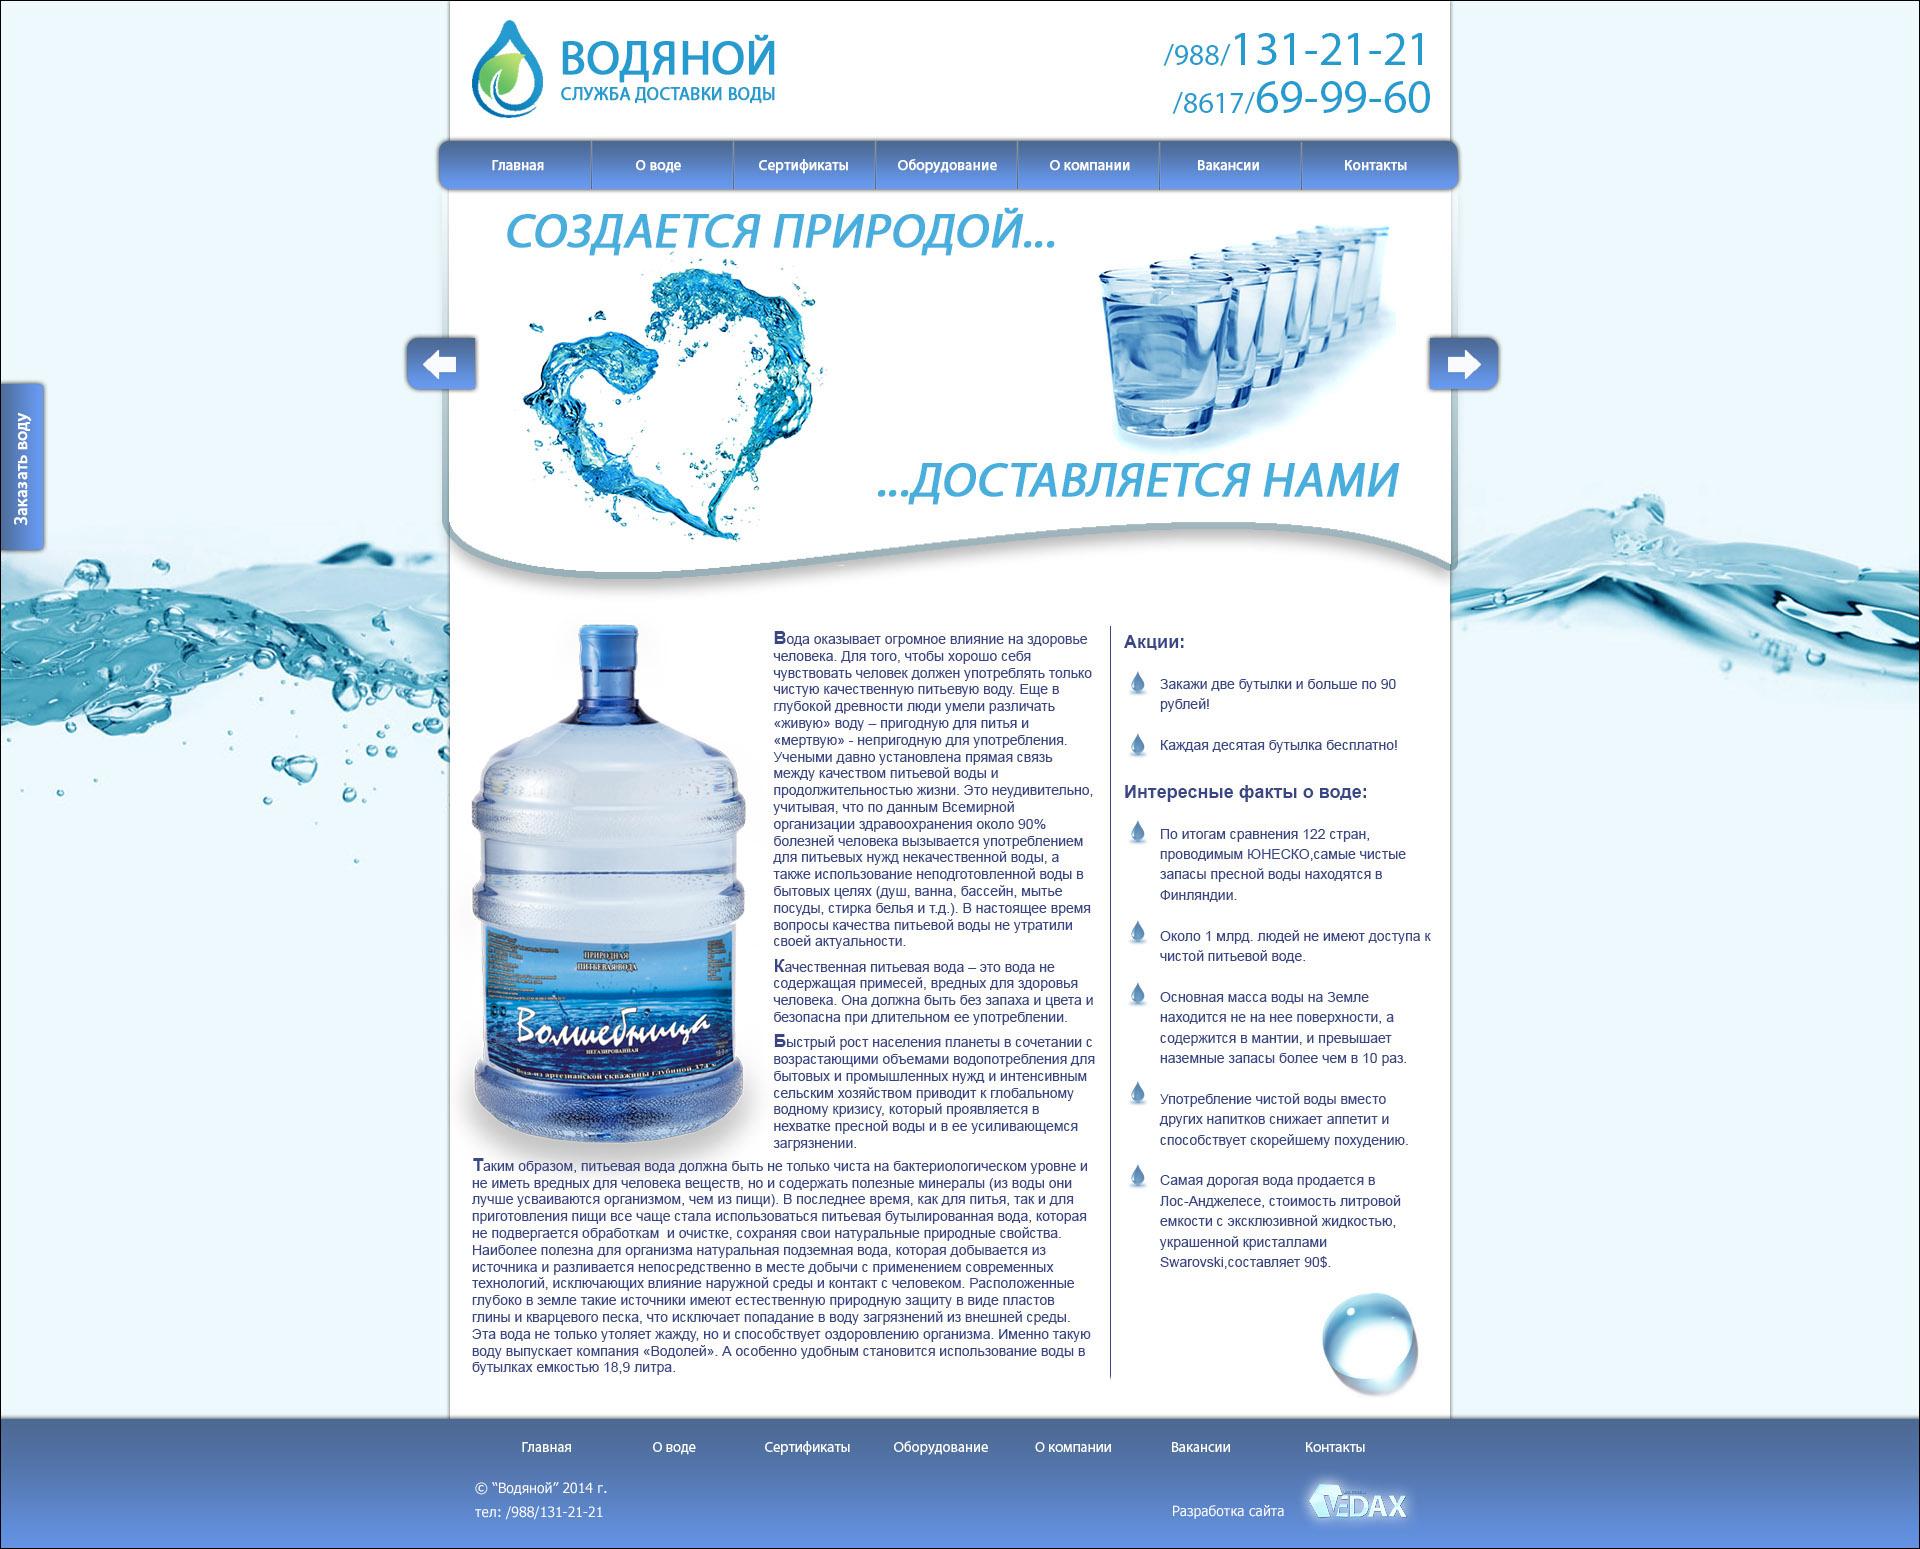 Водяной 2